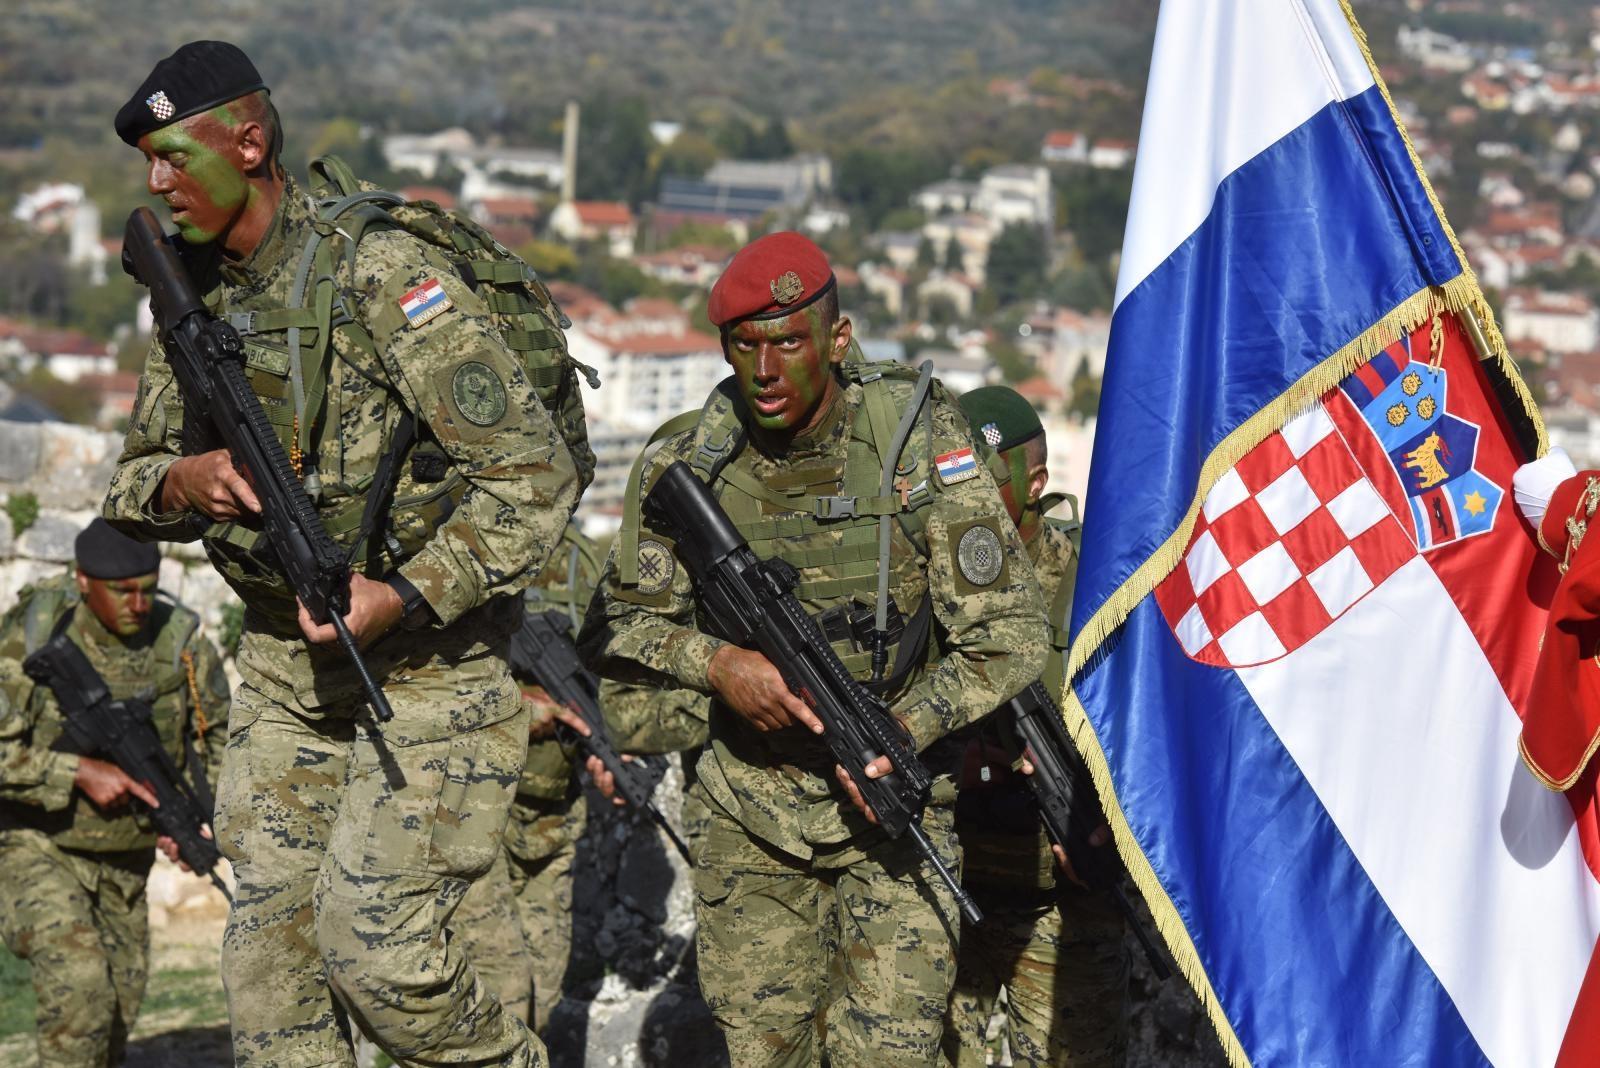 VIDEO: Na kninskoj tvrđavi dodijeljene značke i diplome novim vođama Hrvatske vojske